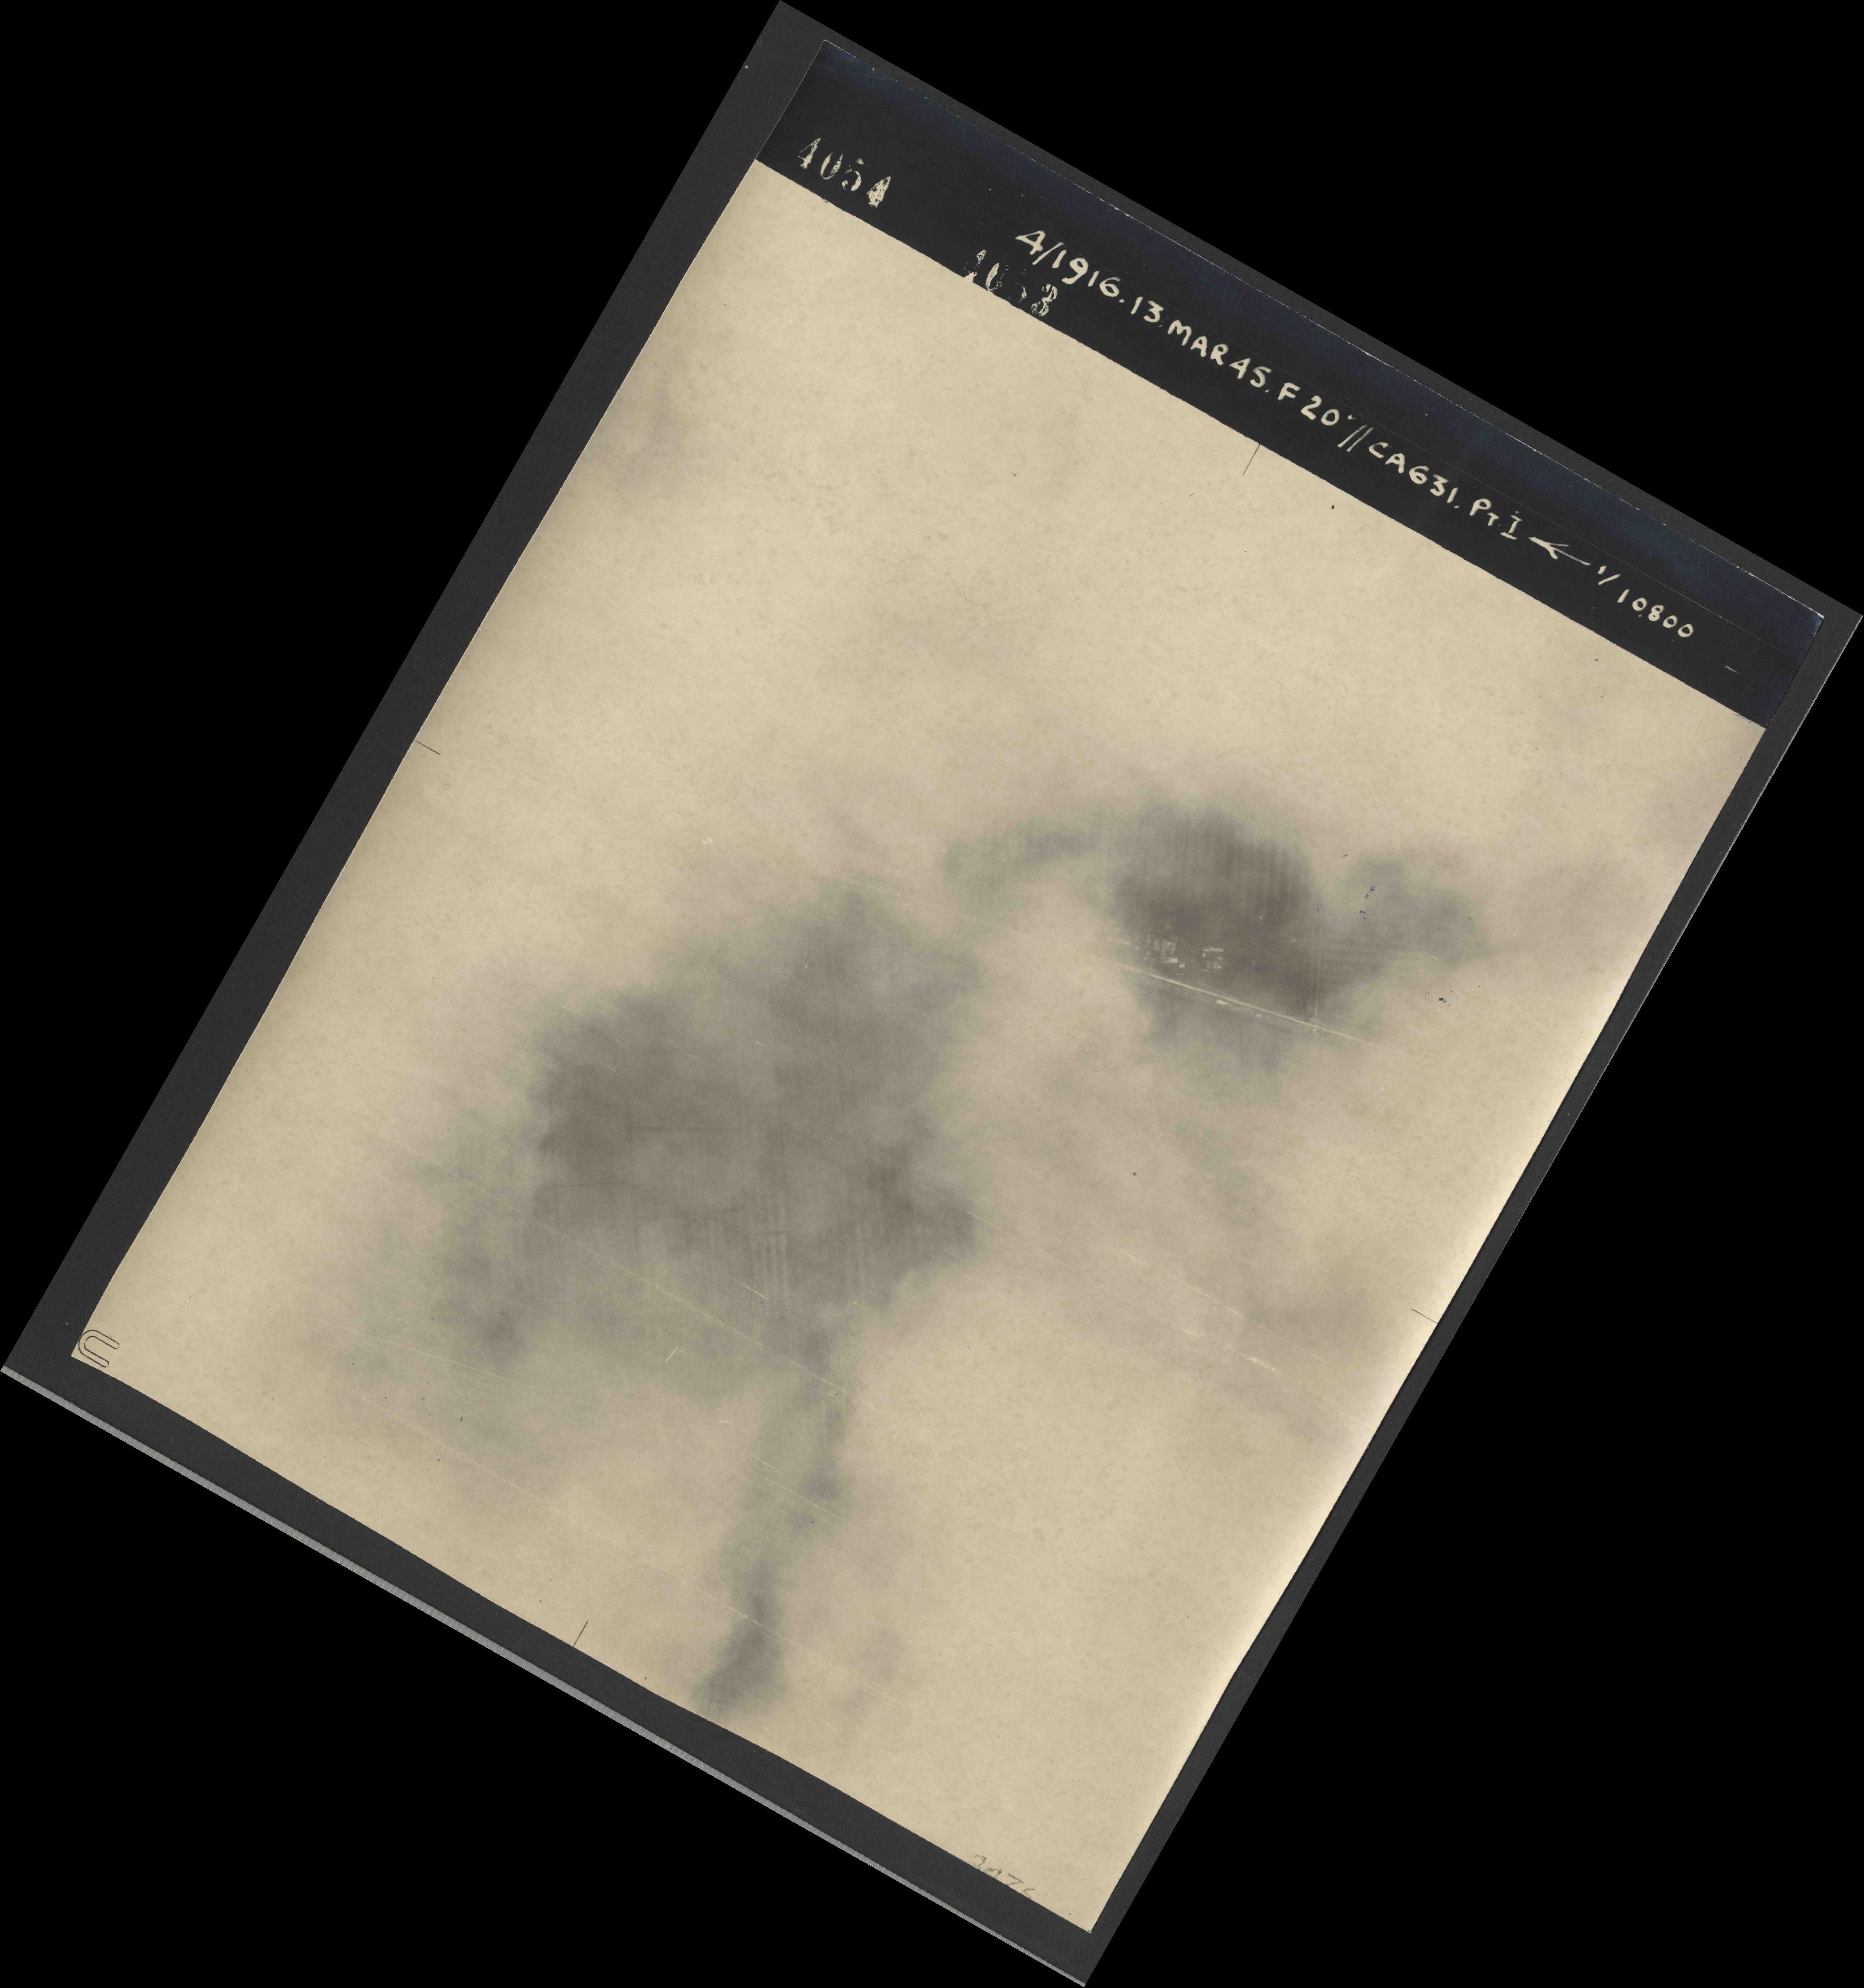 Collection RAF aerial photos 1940-1945 - flight 085, run 02, photo 4054